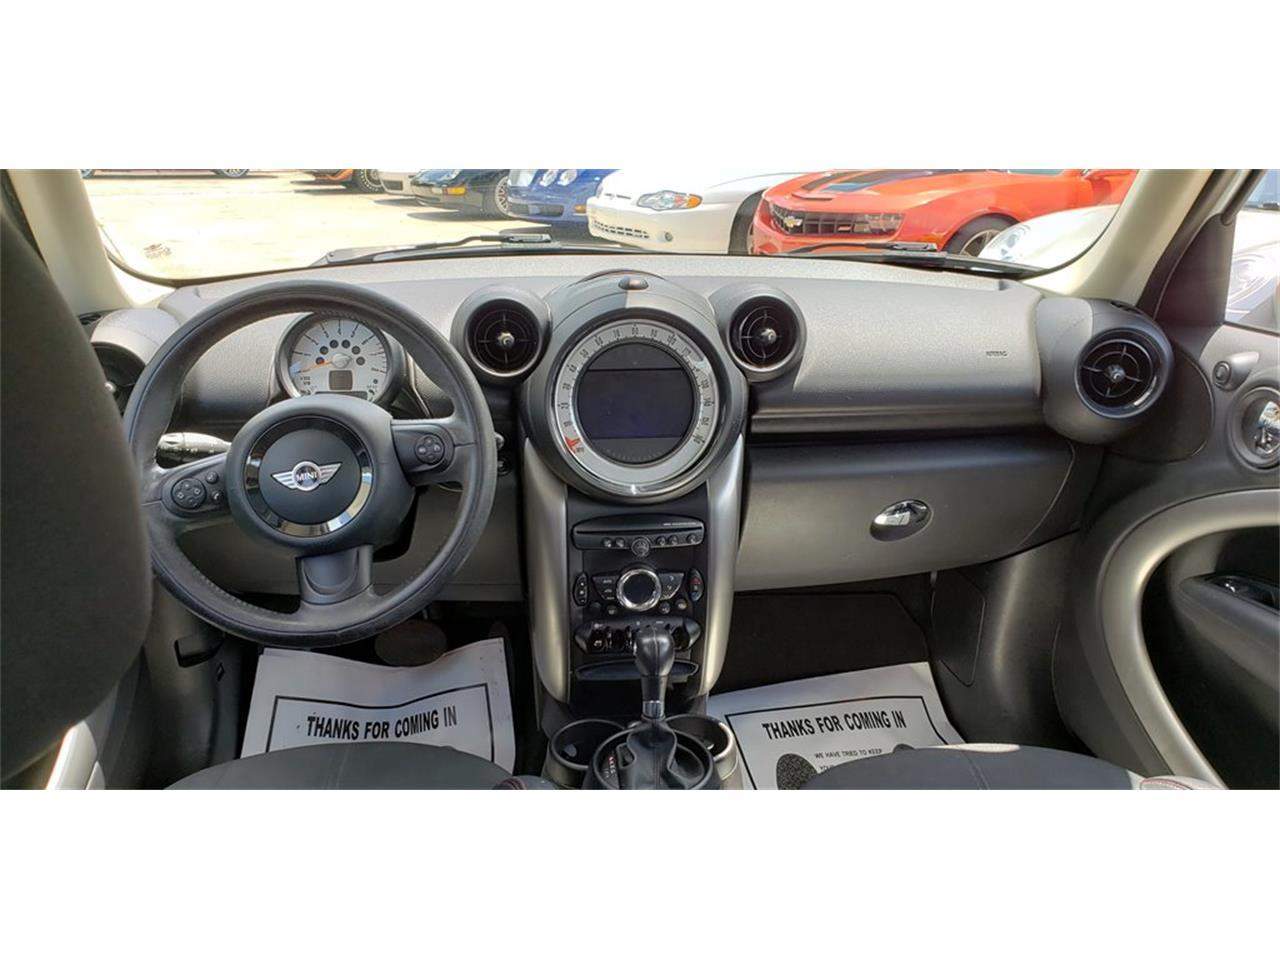 2014 MINI Cooper (CC-1231177) for sale in Orlando, Florida